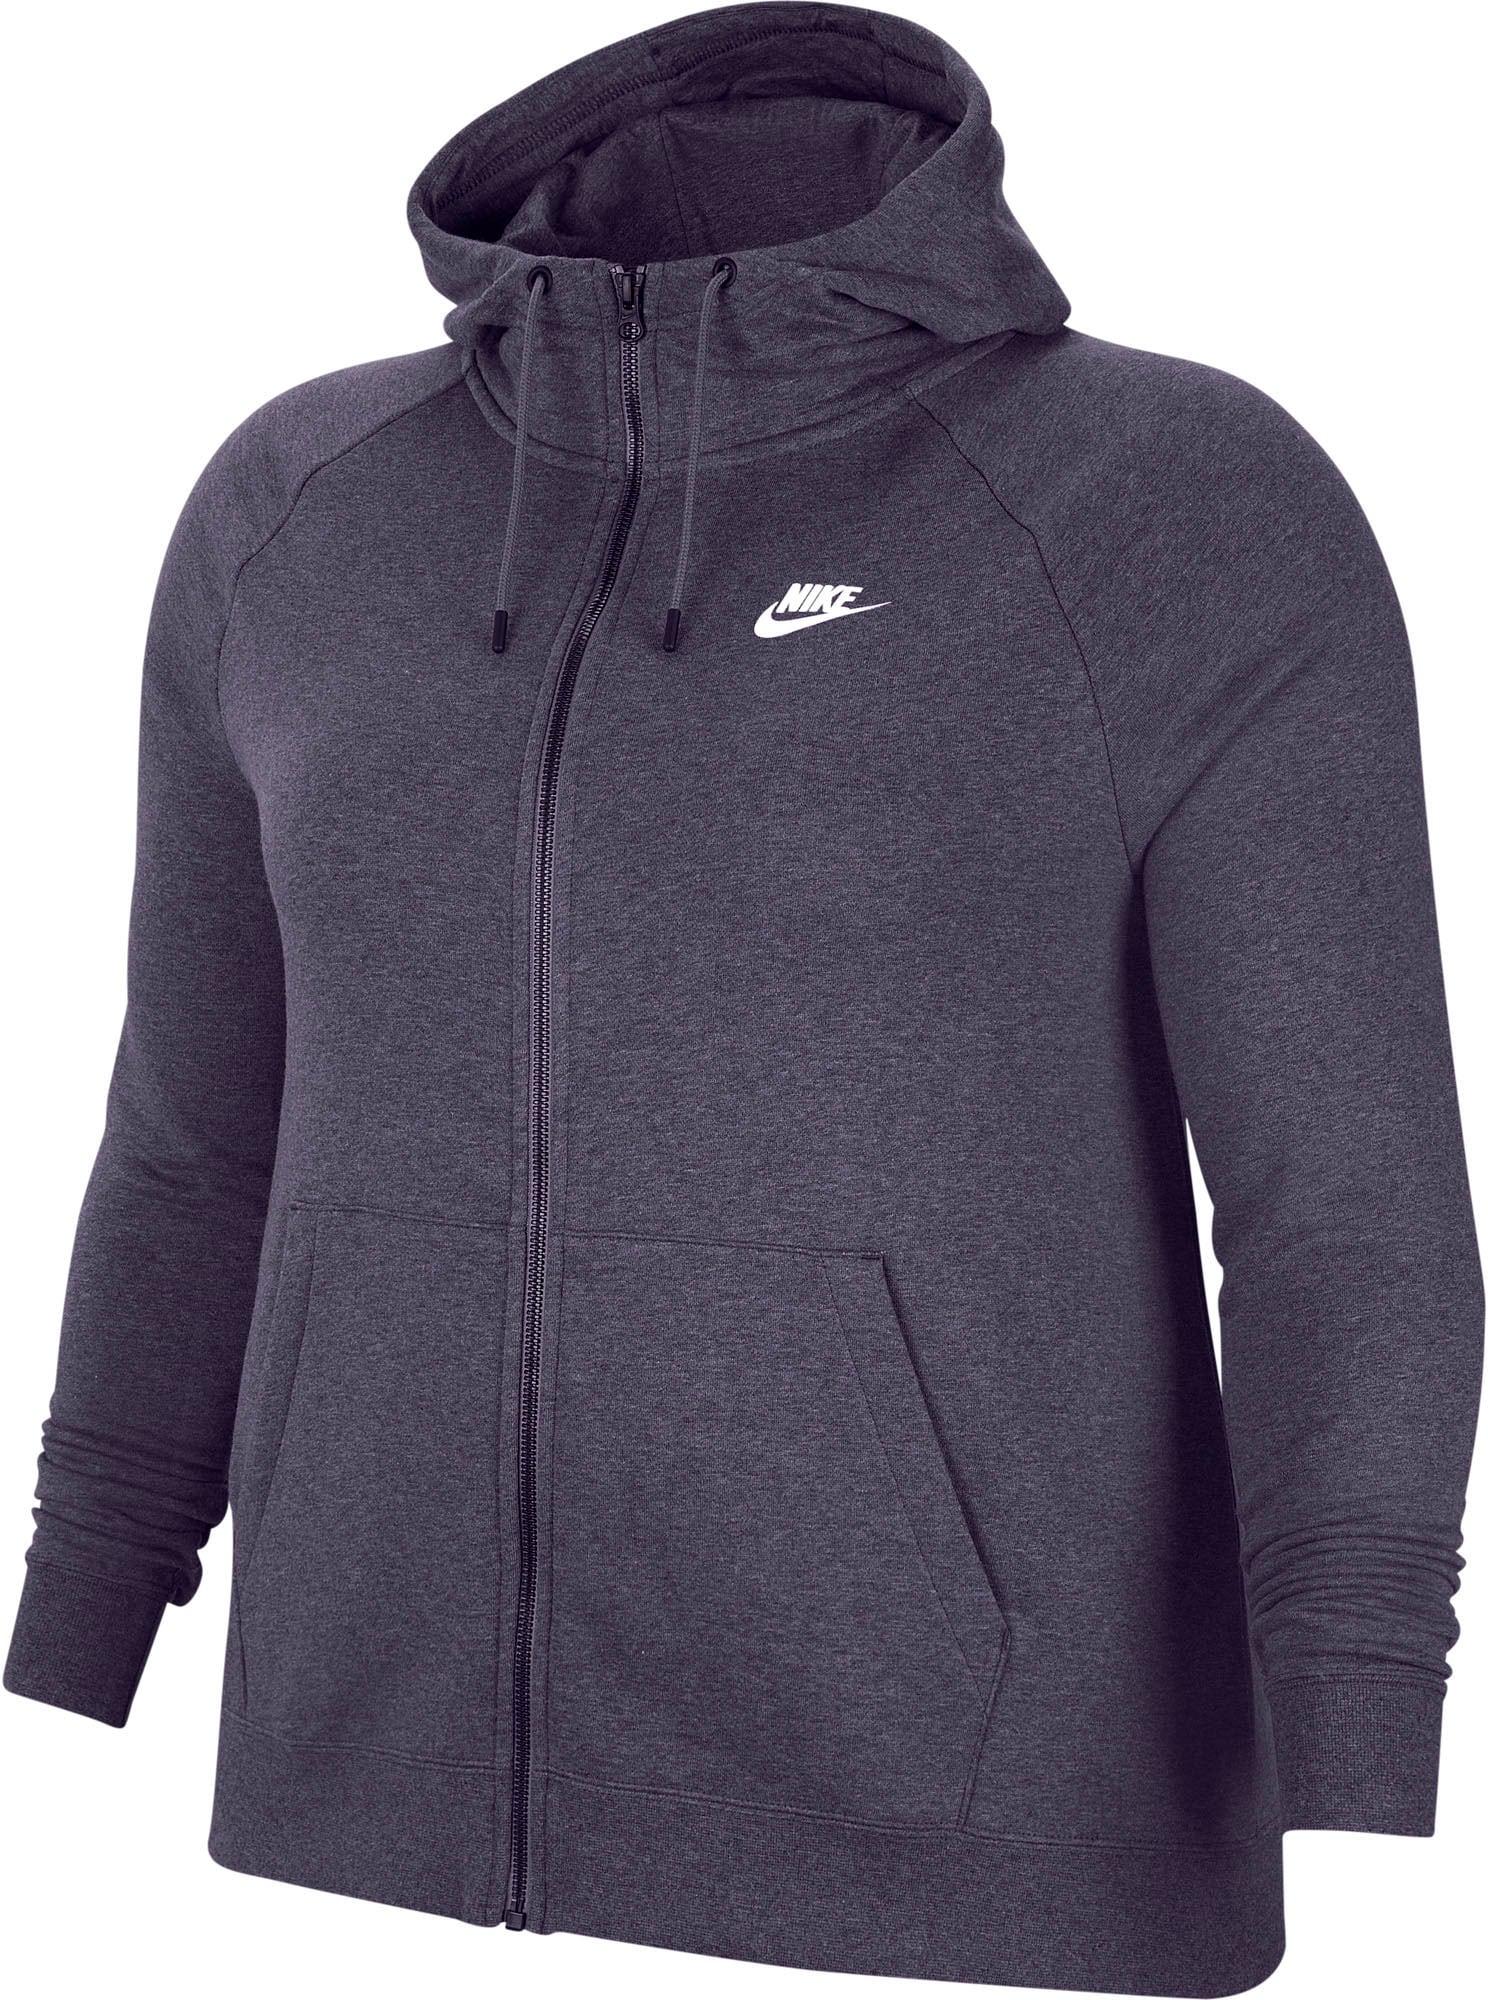 Nike Sportswear Džemperis balta / tamsiai violetinė